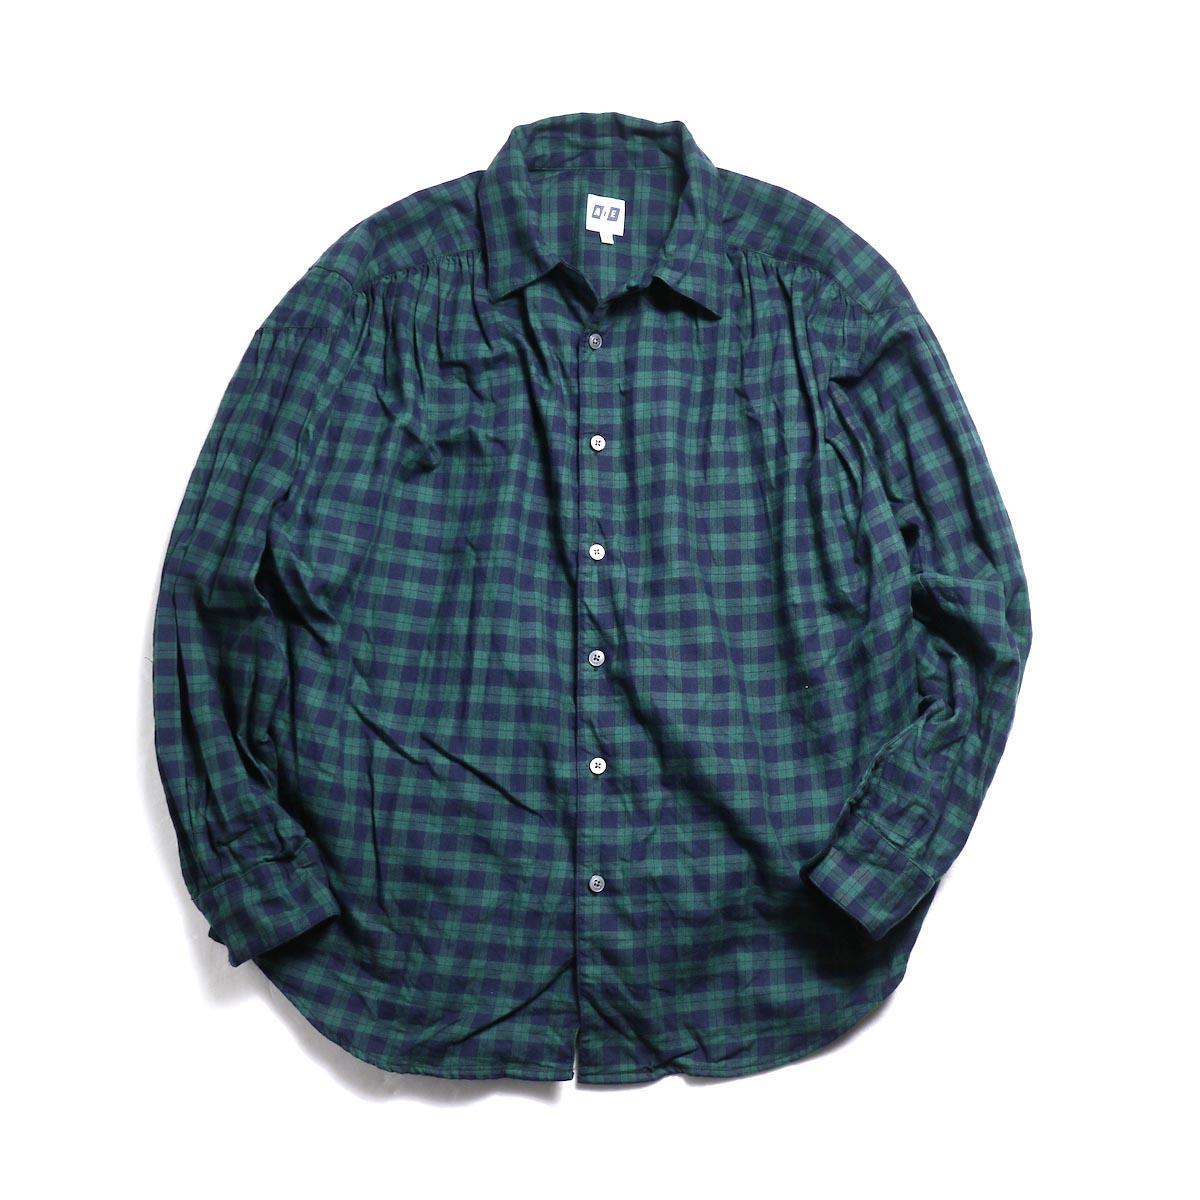 AiE / Painter Shirt -Cotton Tartan Check (Green)